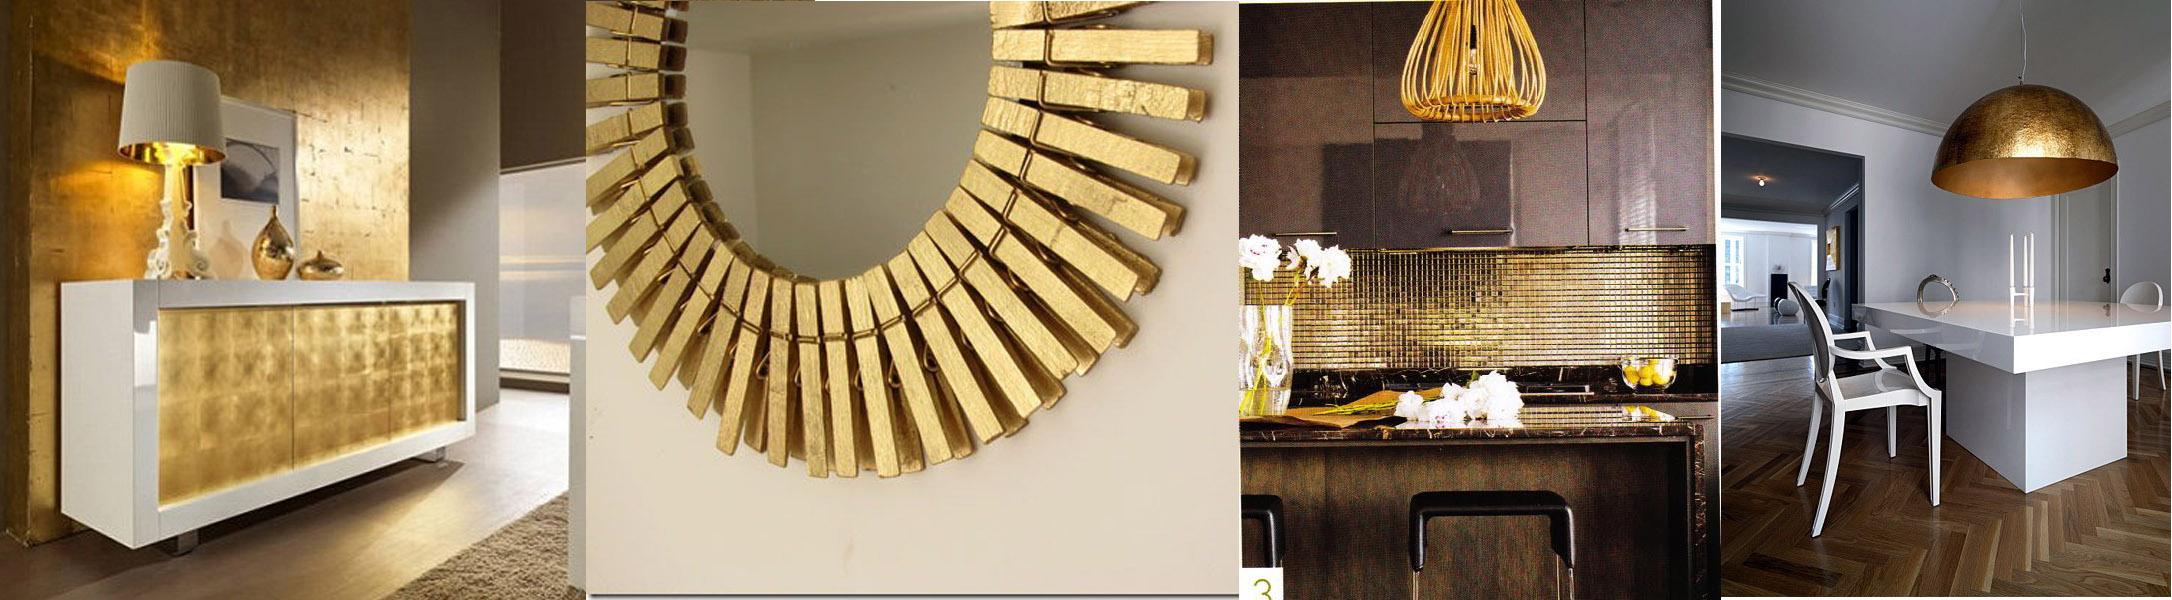 37 inspiracji : Złoto we wnętrzach i architekturze